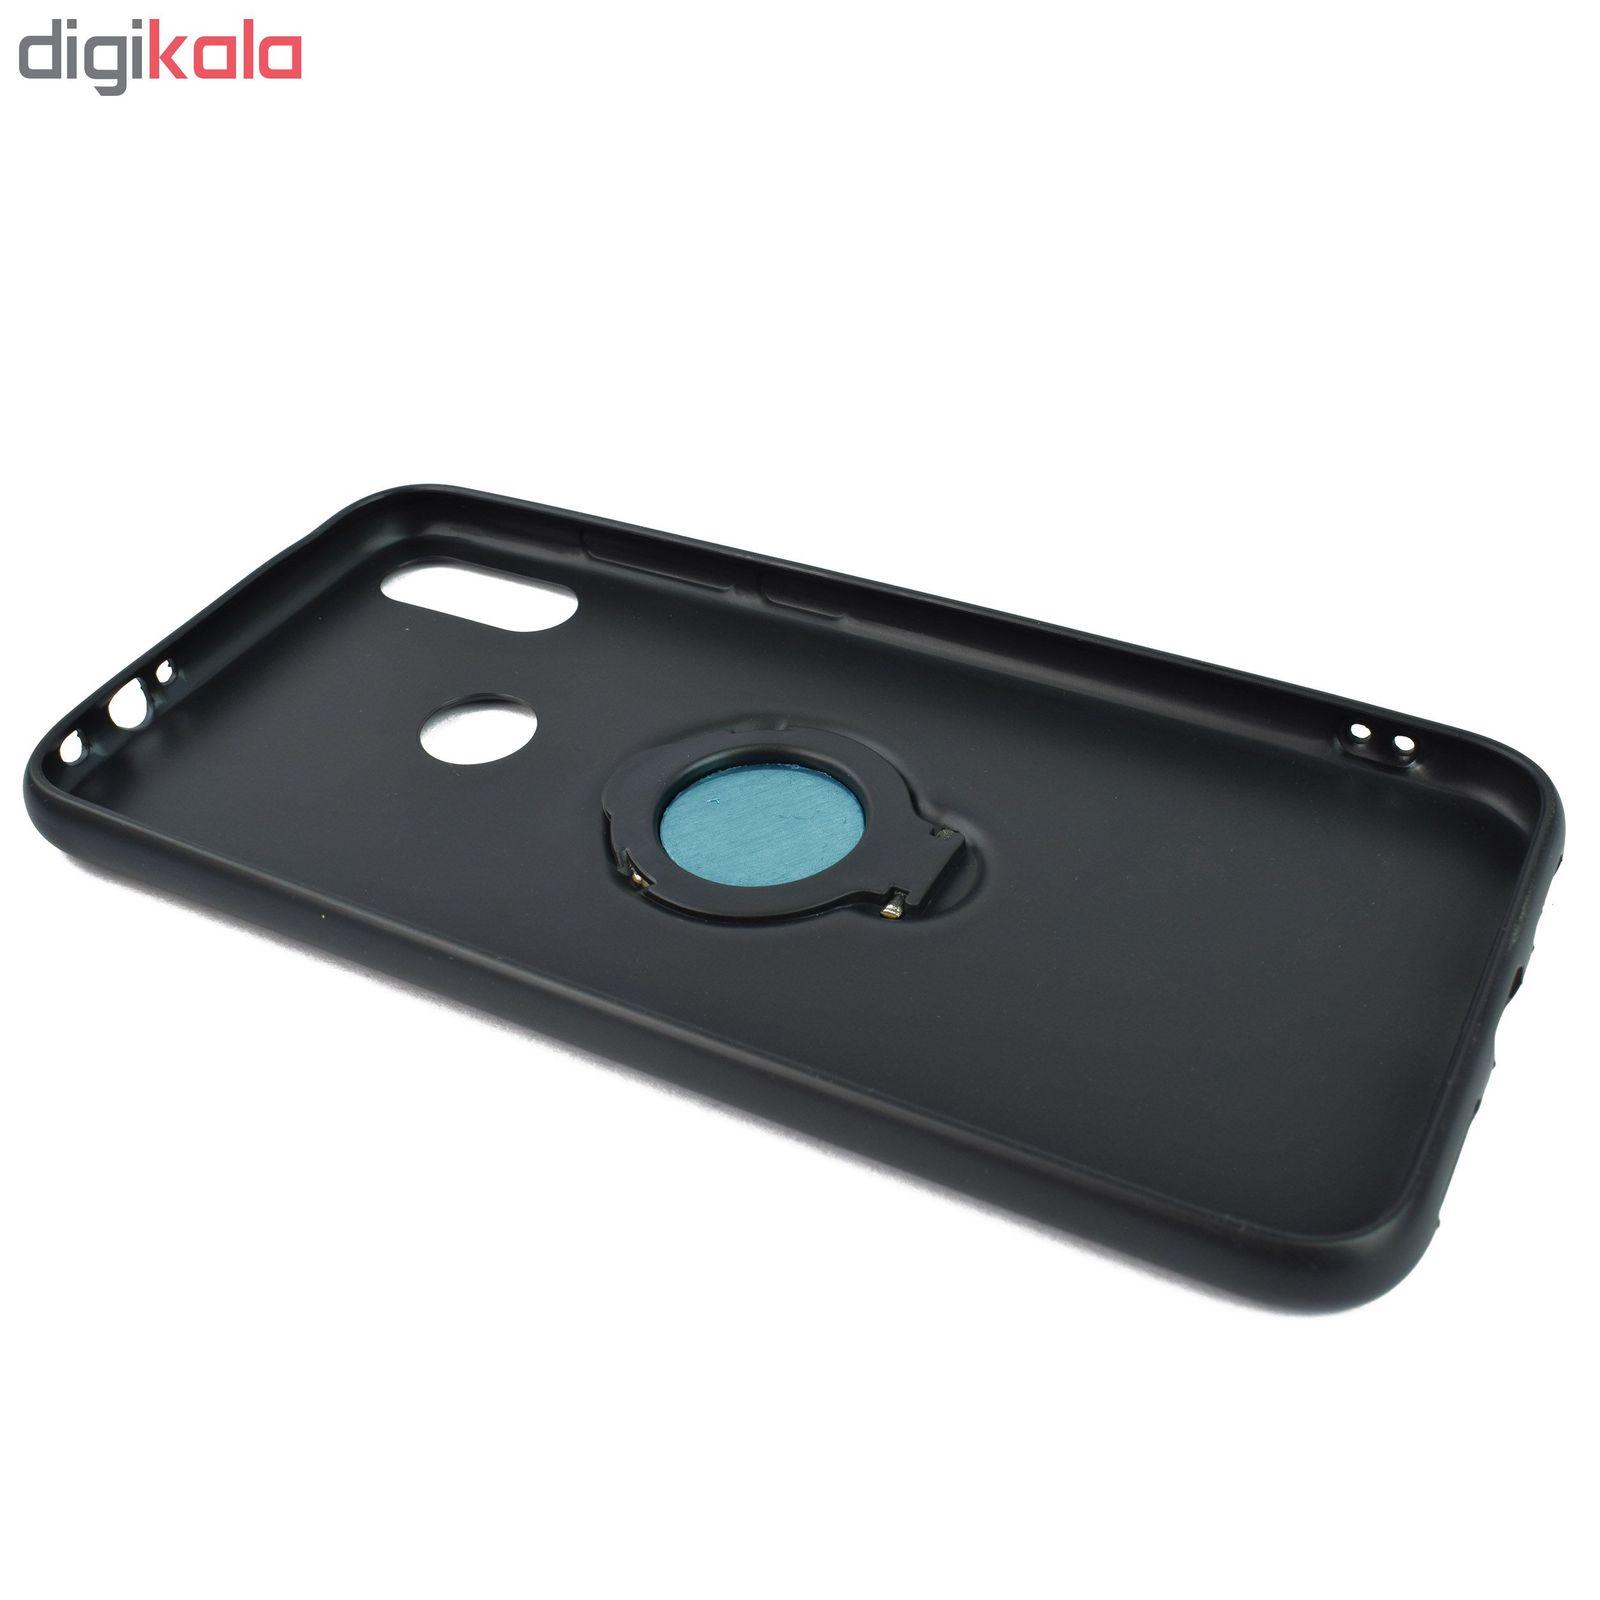 کاور آی فیس مدل IF30 مناسب برای گوشی موبایل شیائومی Redmi Note 7 / Note 7 Pro main 1 13